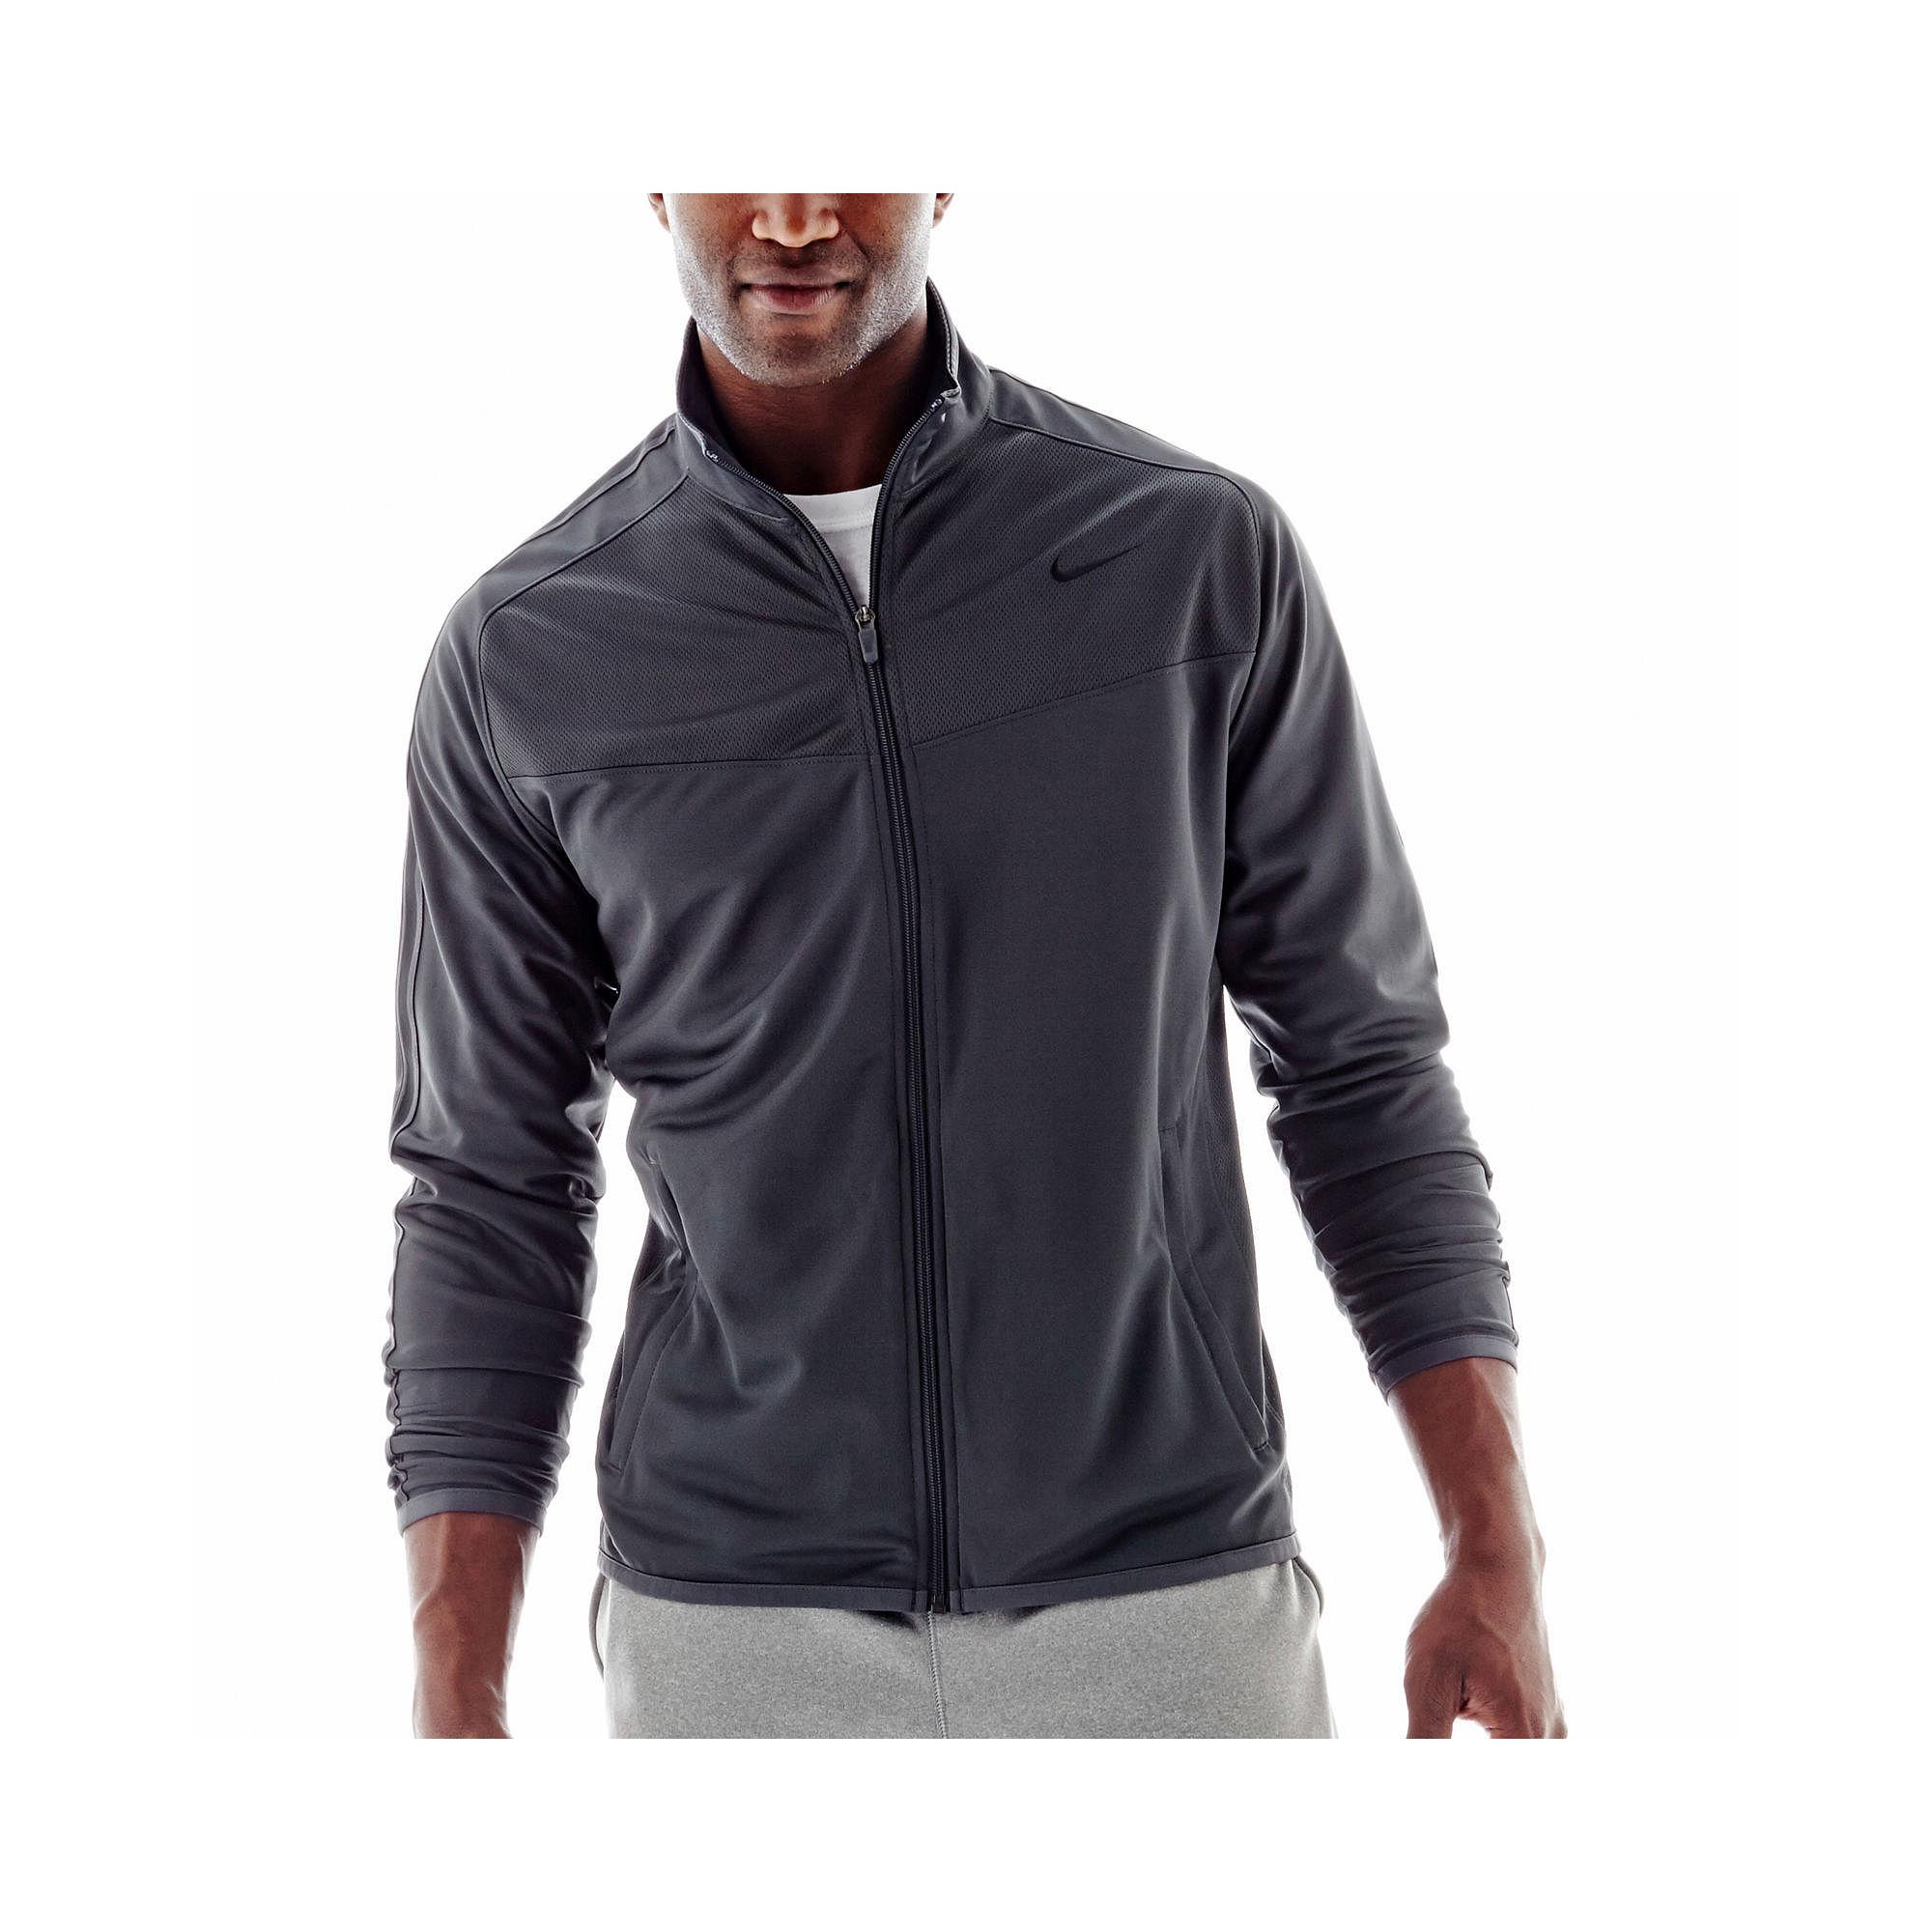 Nike jacket gray and black - Upc 886916687630 Product Image For New Nike Men S Epic Jacket Anthracite Black Medium Upcitemdb